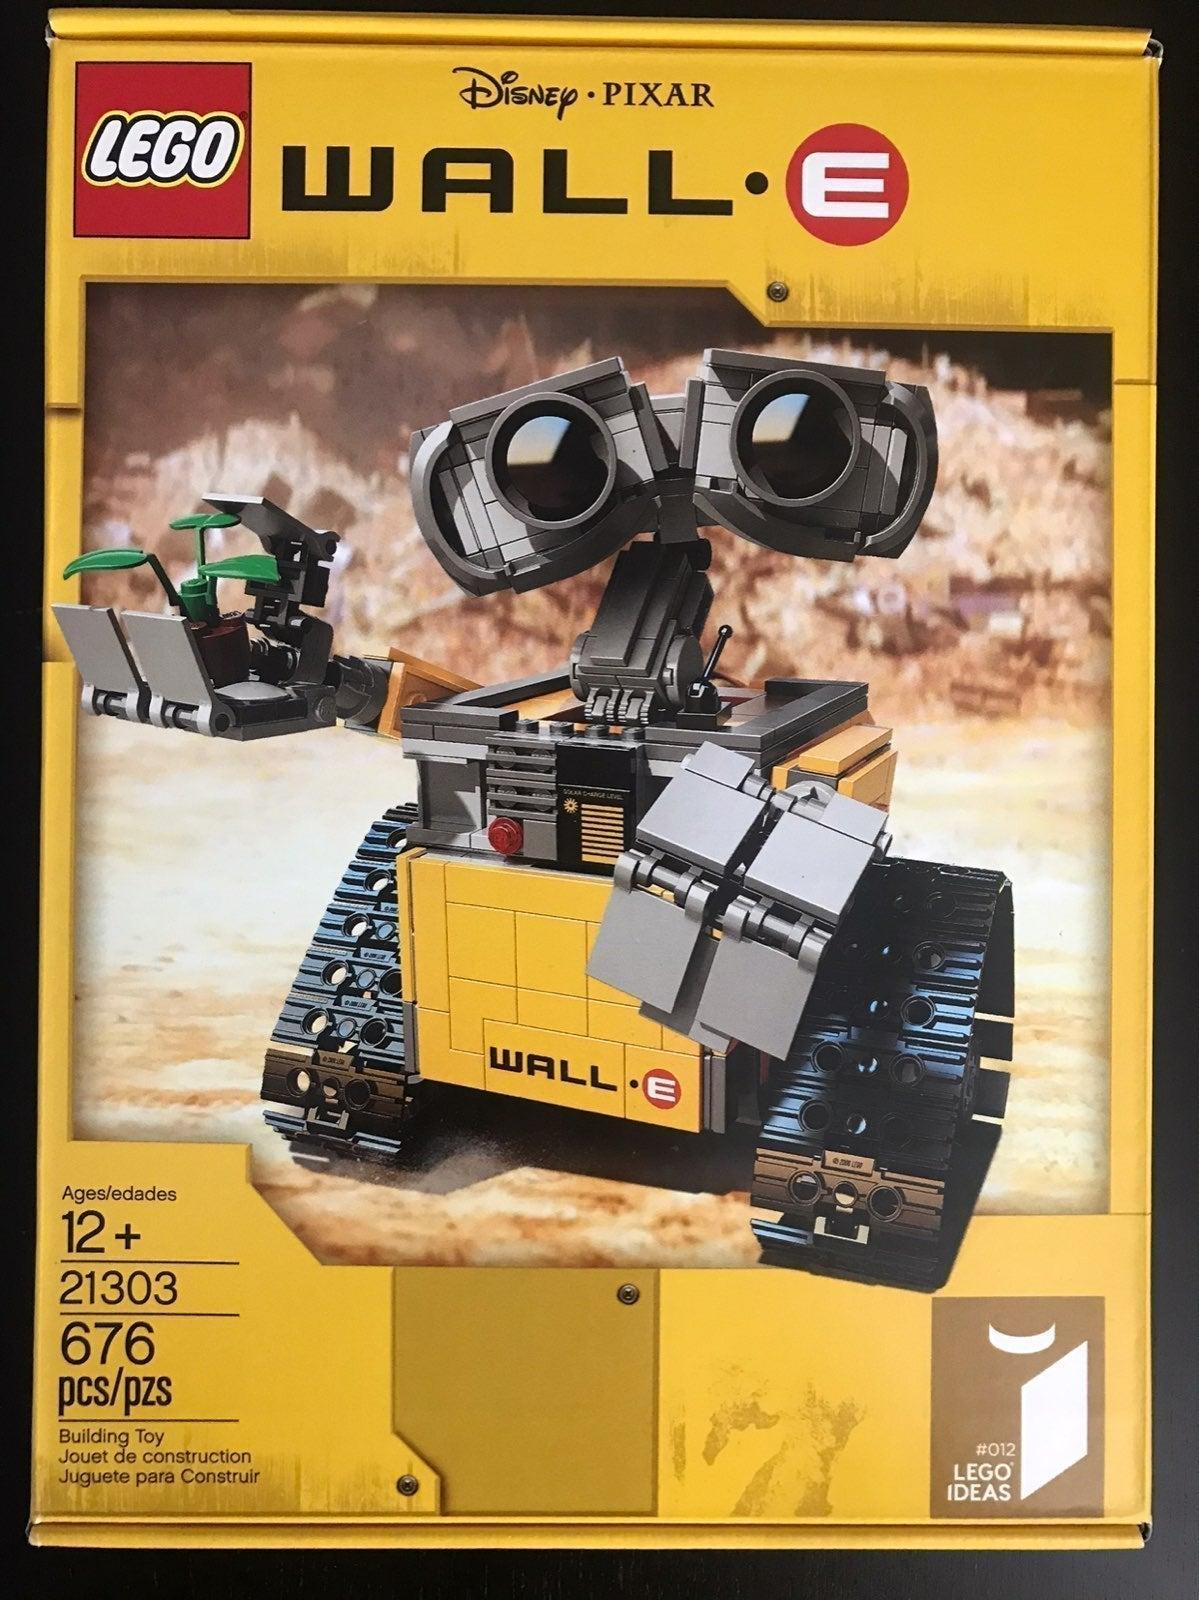 Lacrado V2 Pescoço Novo EM FOLHA Lego 21303 Idéias Wall-e